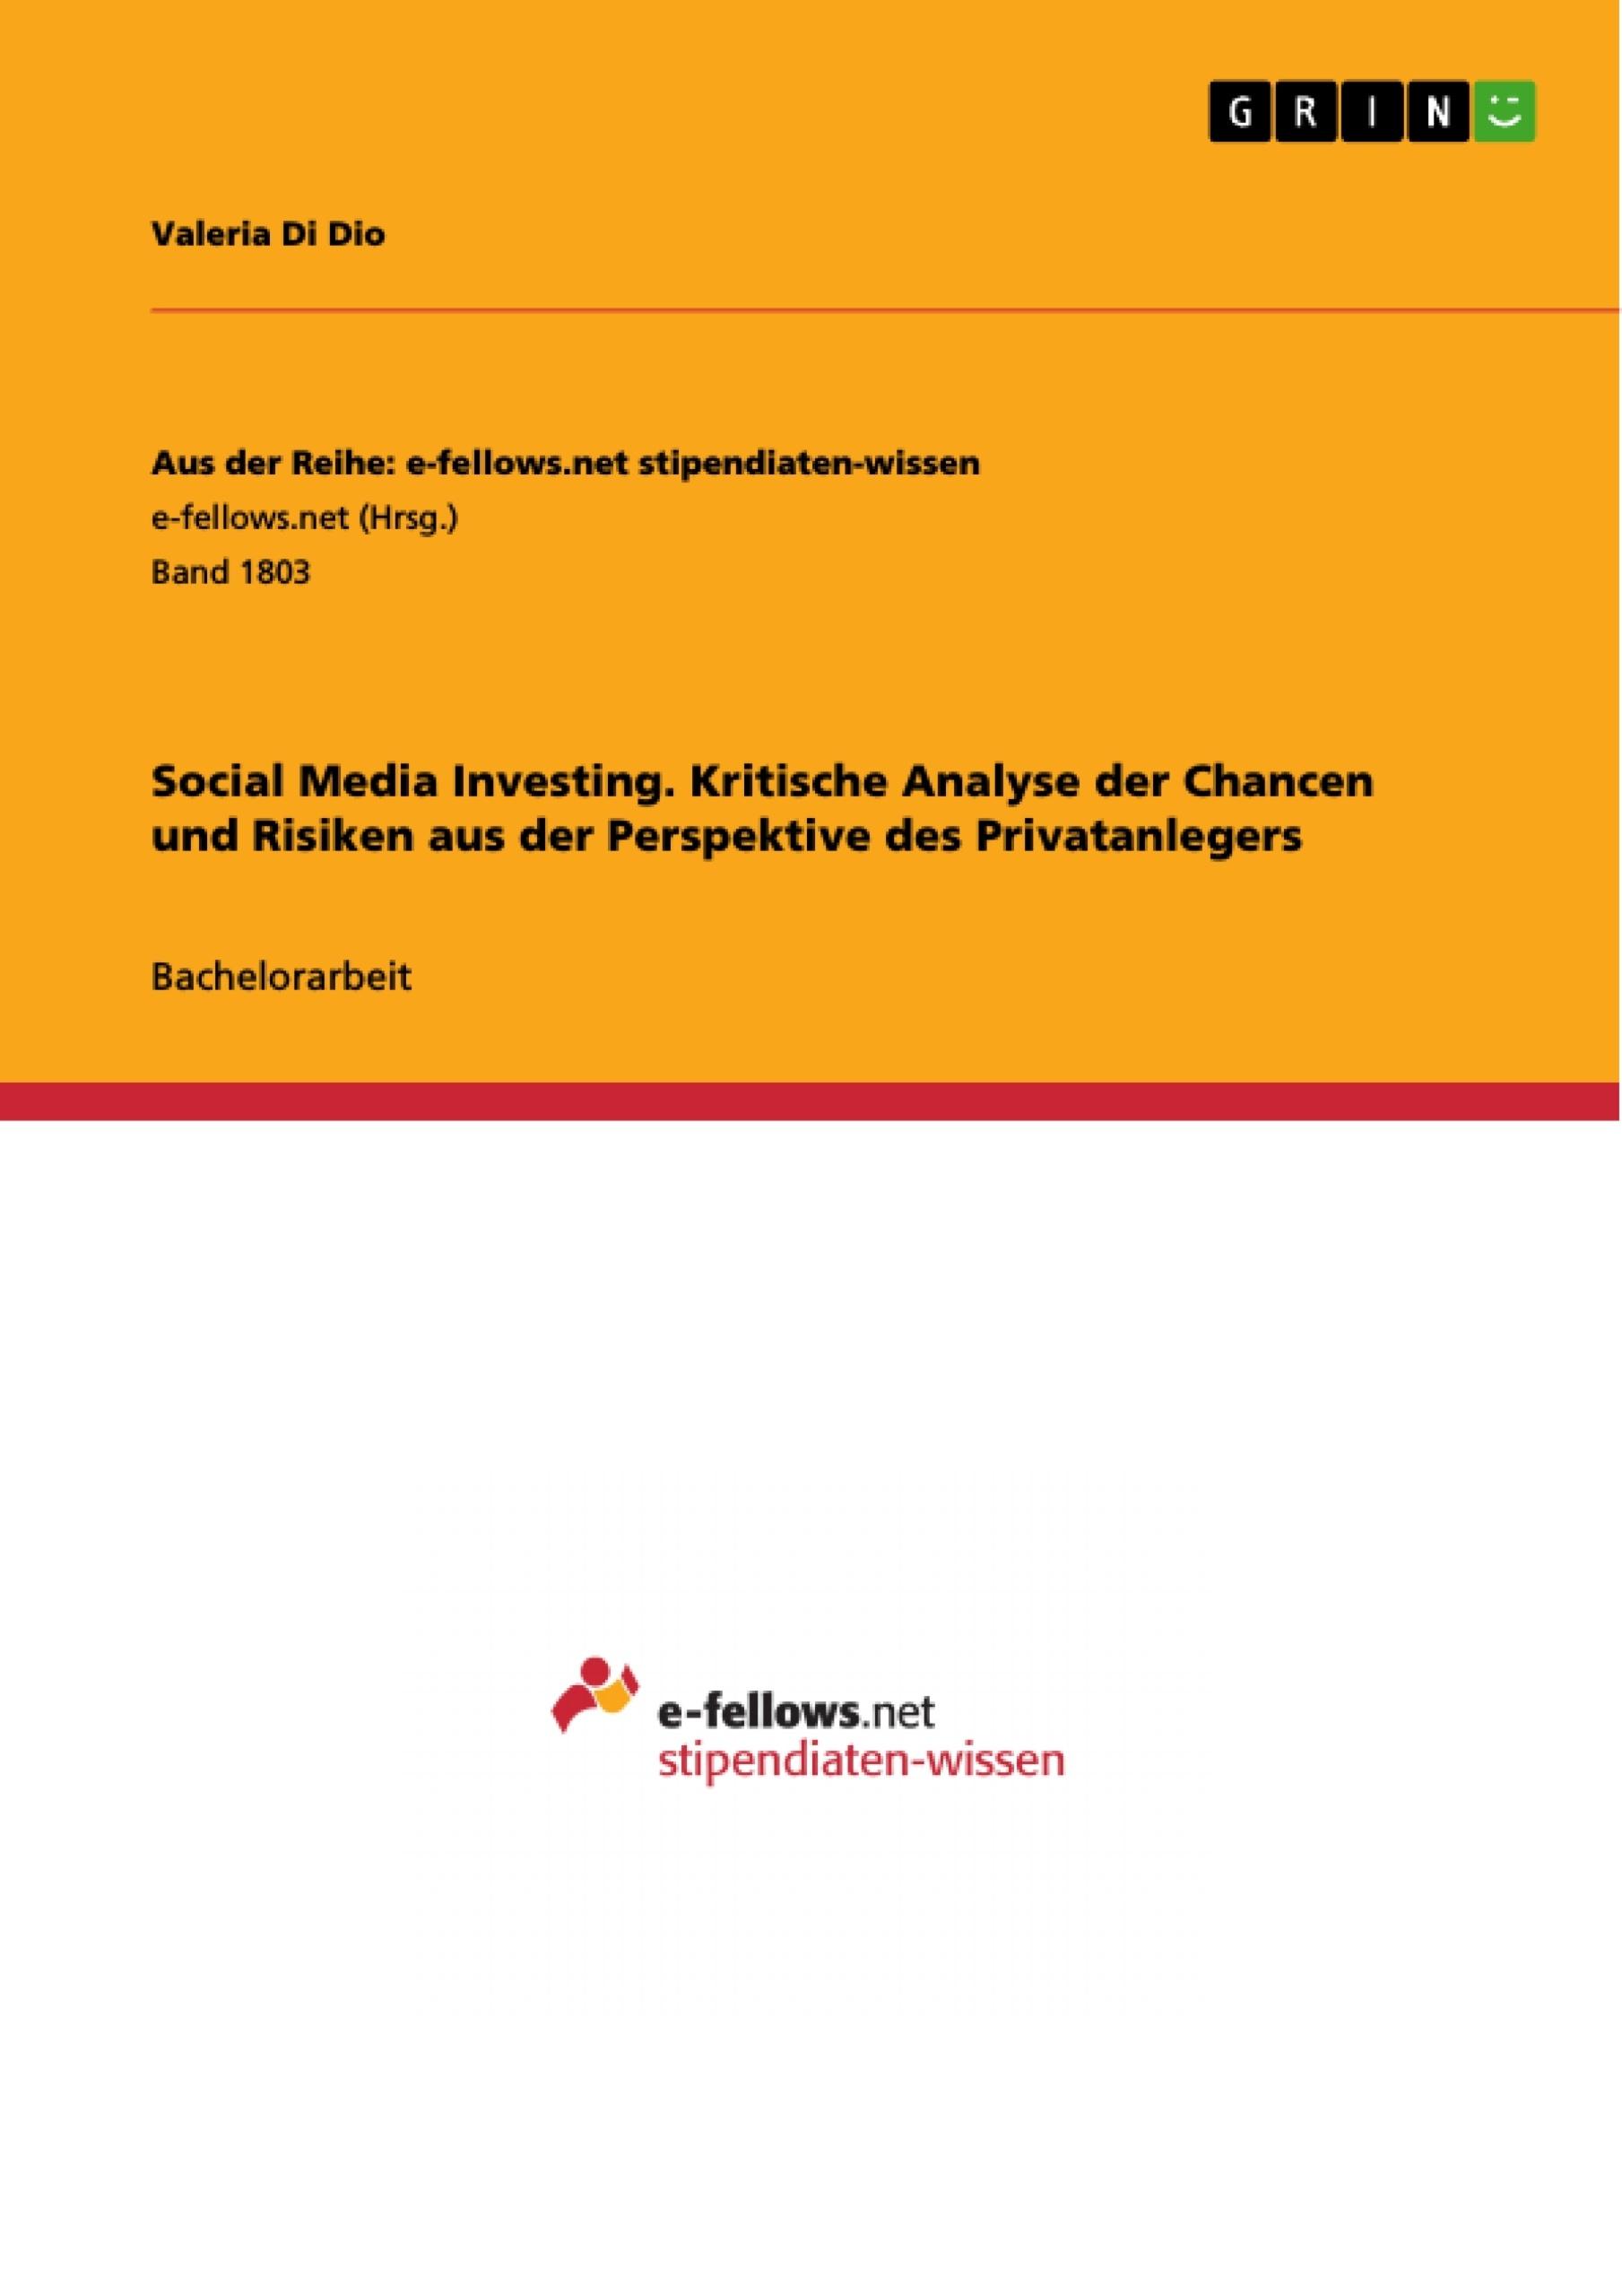 Titel: Social Media Investing. Kritische Analyse der Chancen und Risiken aus der Perspektive des Privatanlegers